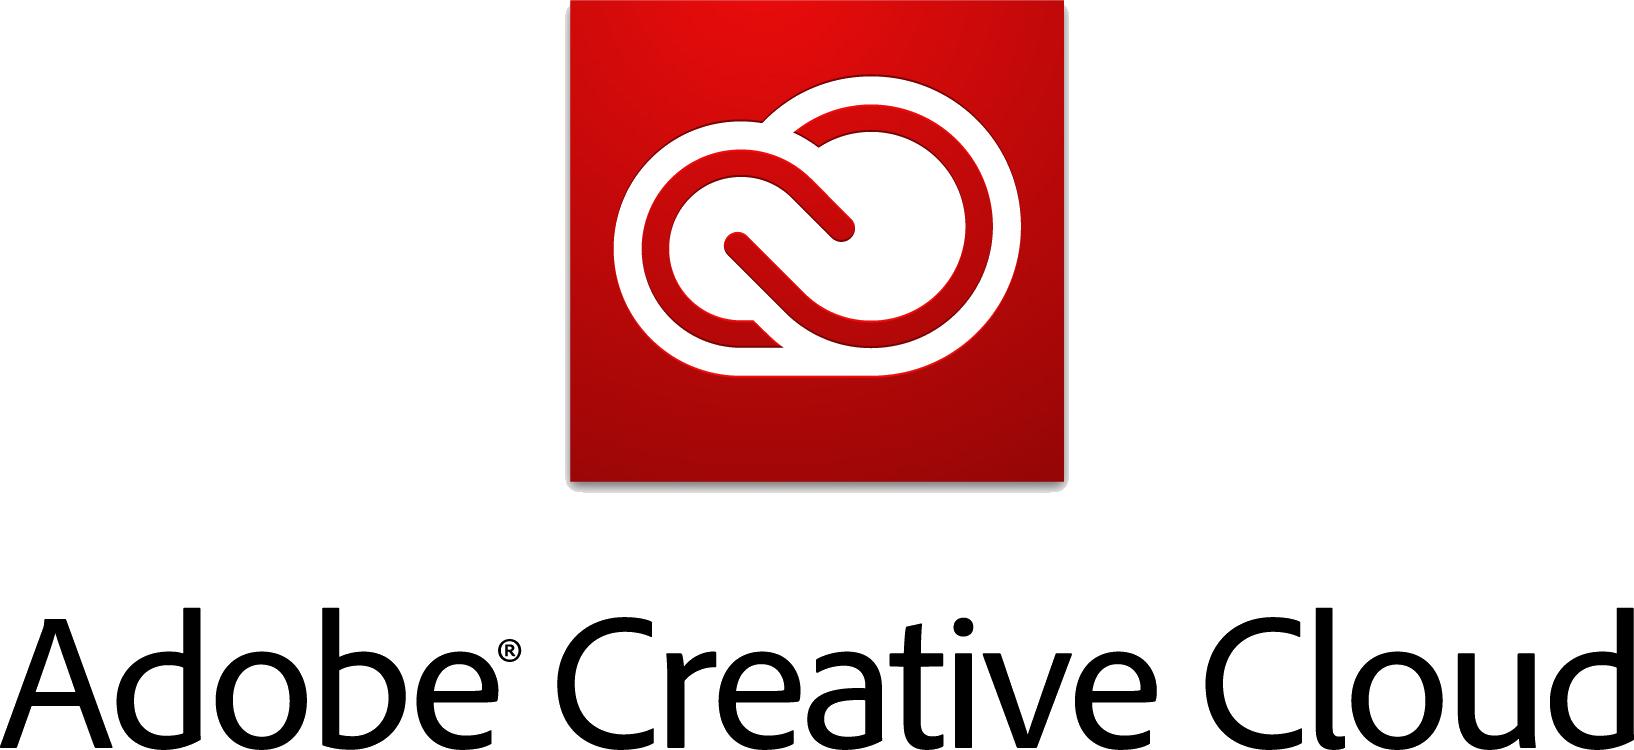 داونلود رایگان آخرین ورژن ادوبی ایندیزاین Adobe Creative Cloud InDesign CC 9.0